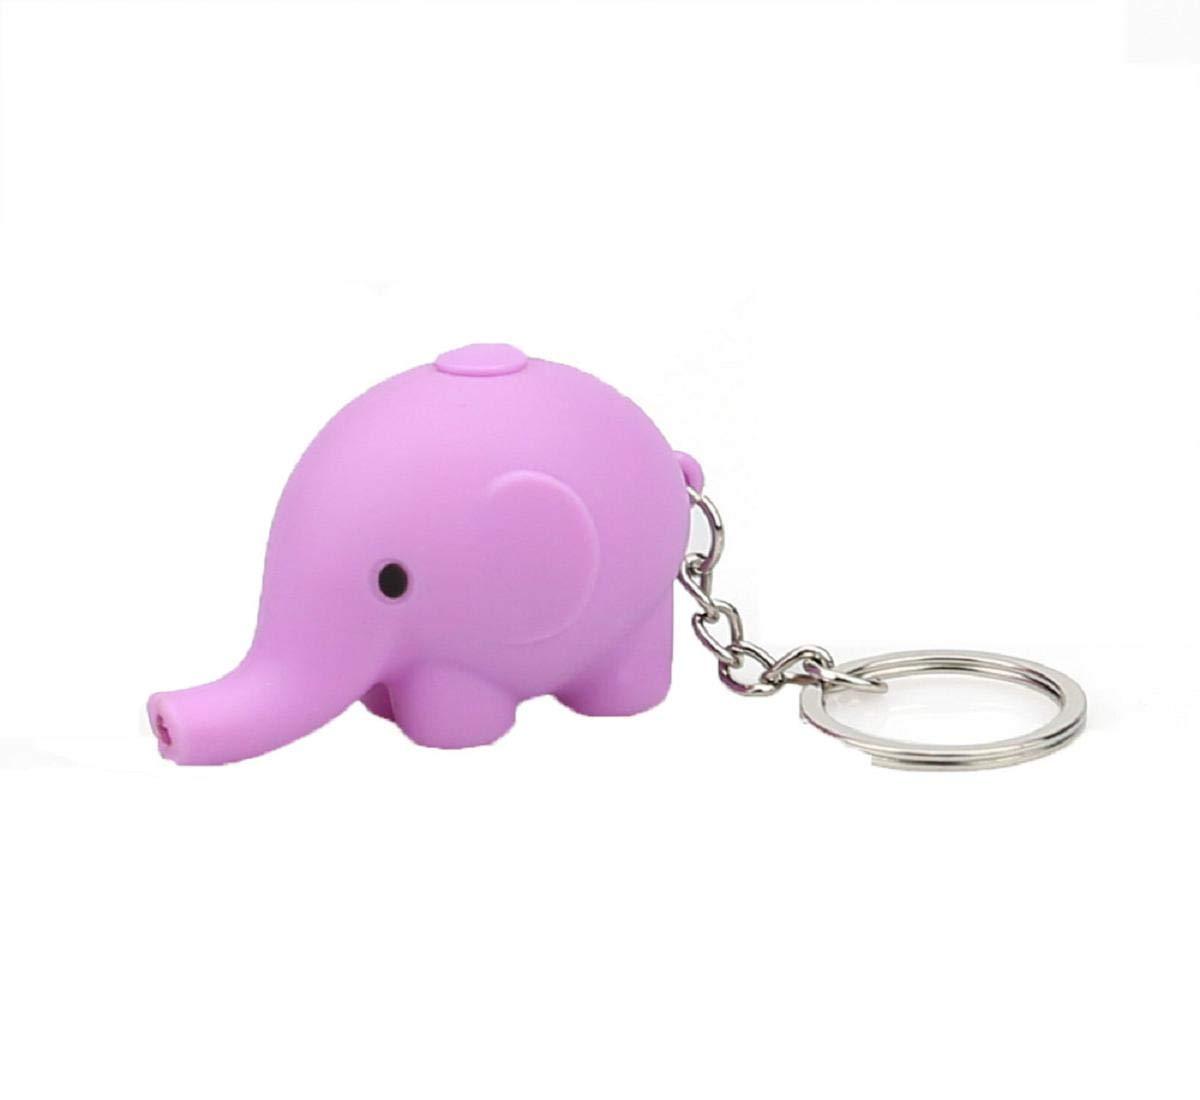 Koojawind Trousseau de Dessin animé de Forme d'éléphant avec LED lumière Son Porte-clés Enfants Jouet Cadeau, Porte-clés Cadeau Pendentif clé, Porte-clés Enfants Jouet Cadeau